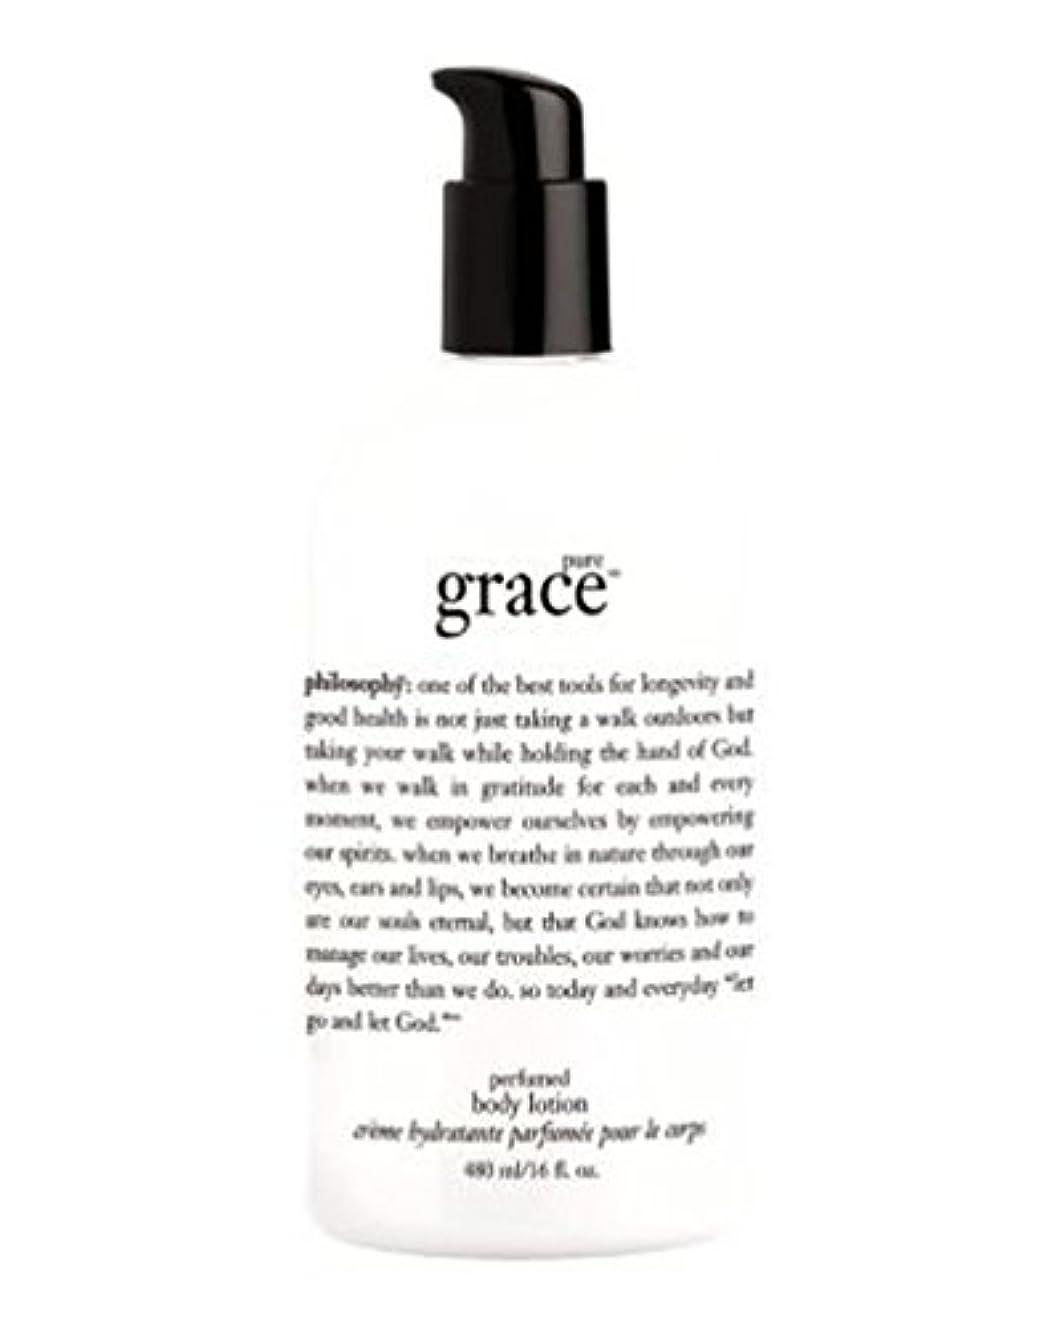 クリケットミットプライムphilosophy pure grace body lotion 480ml - 哲学純粋な恵みボディローション480ミリリットル (Philosophy) [並行輸入品]